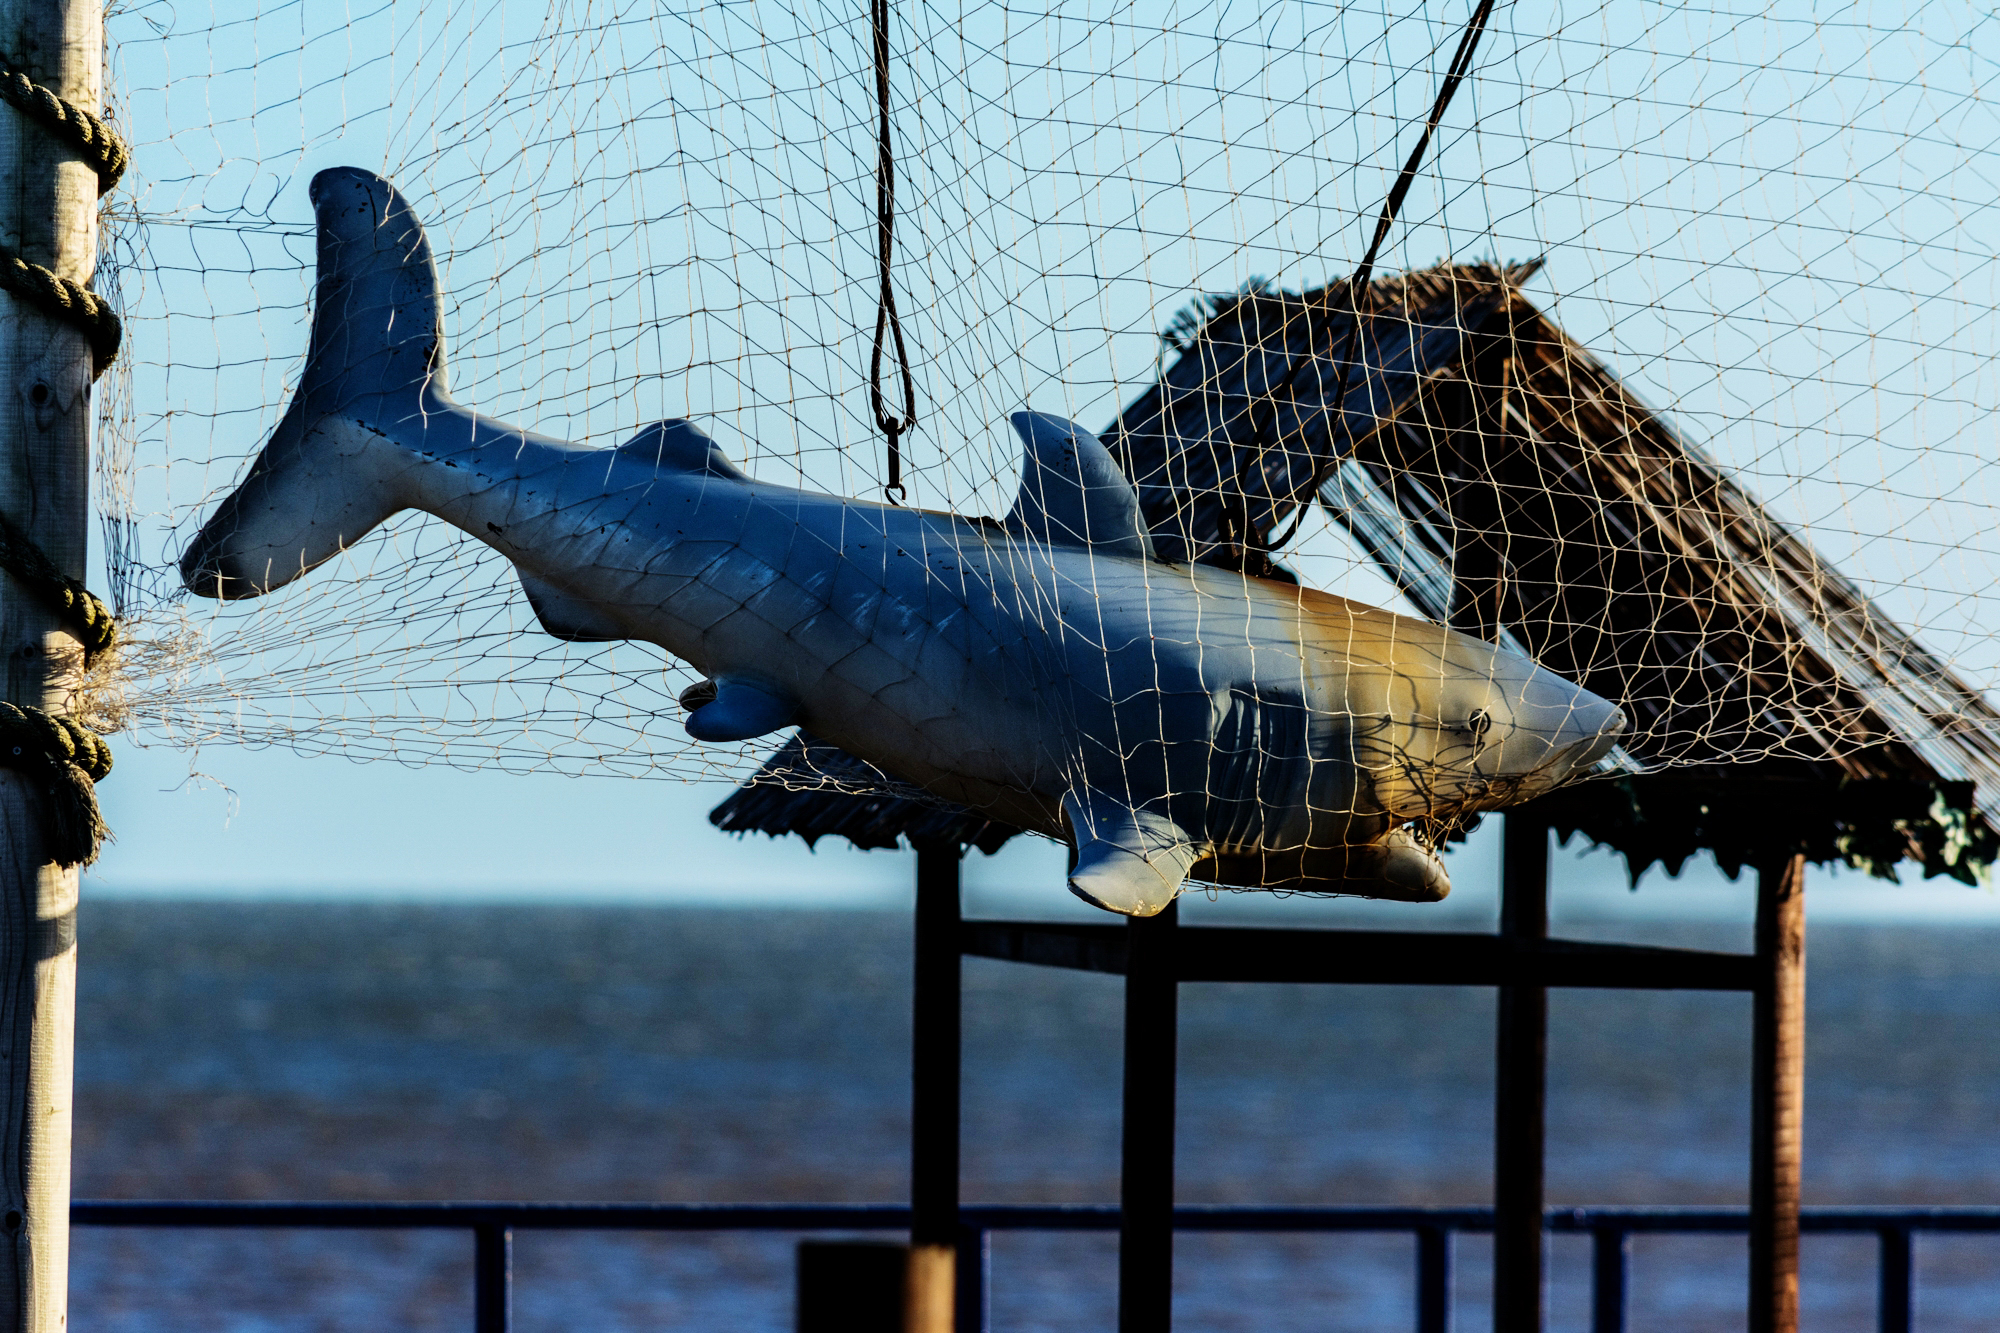 Shark 19